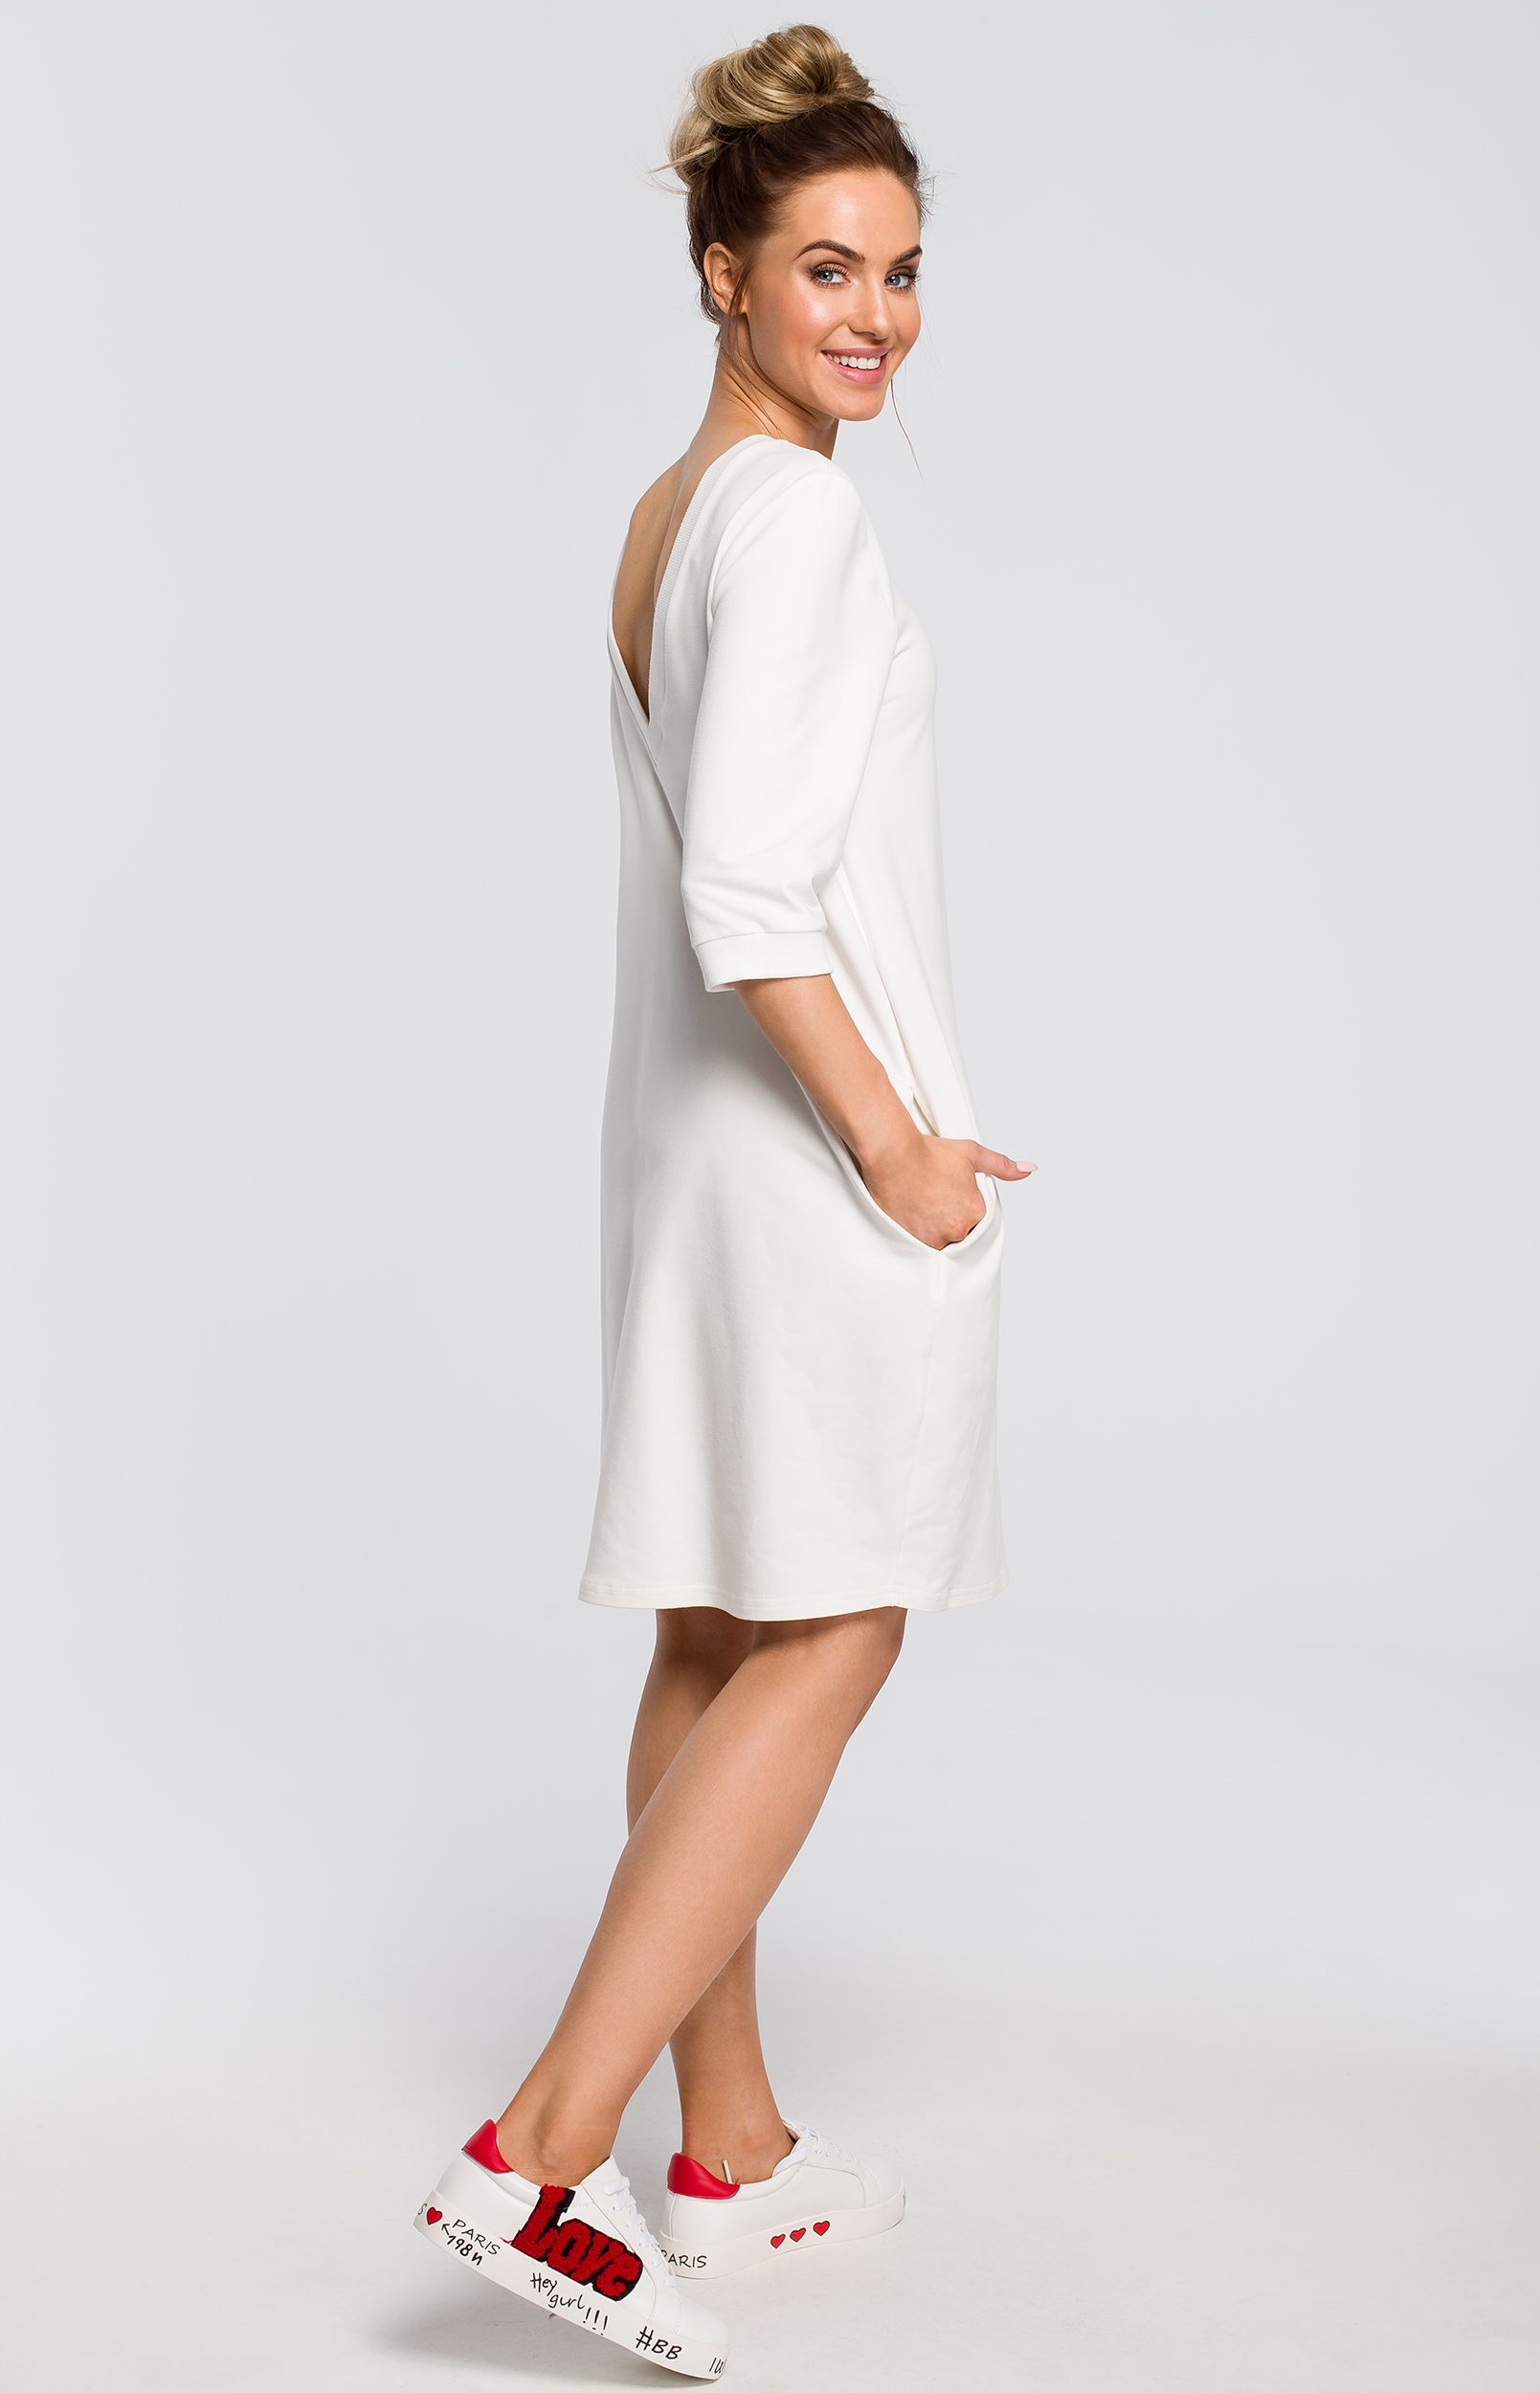 0871192a317 Robe sweat oversize écru Made of Emotion ME417E   idresstocode  boutique de  déshabillés et nuisettes